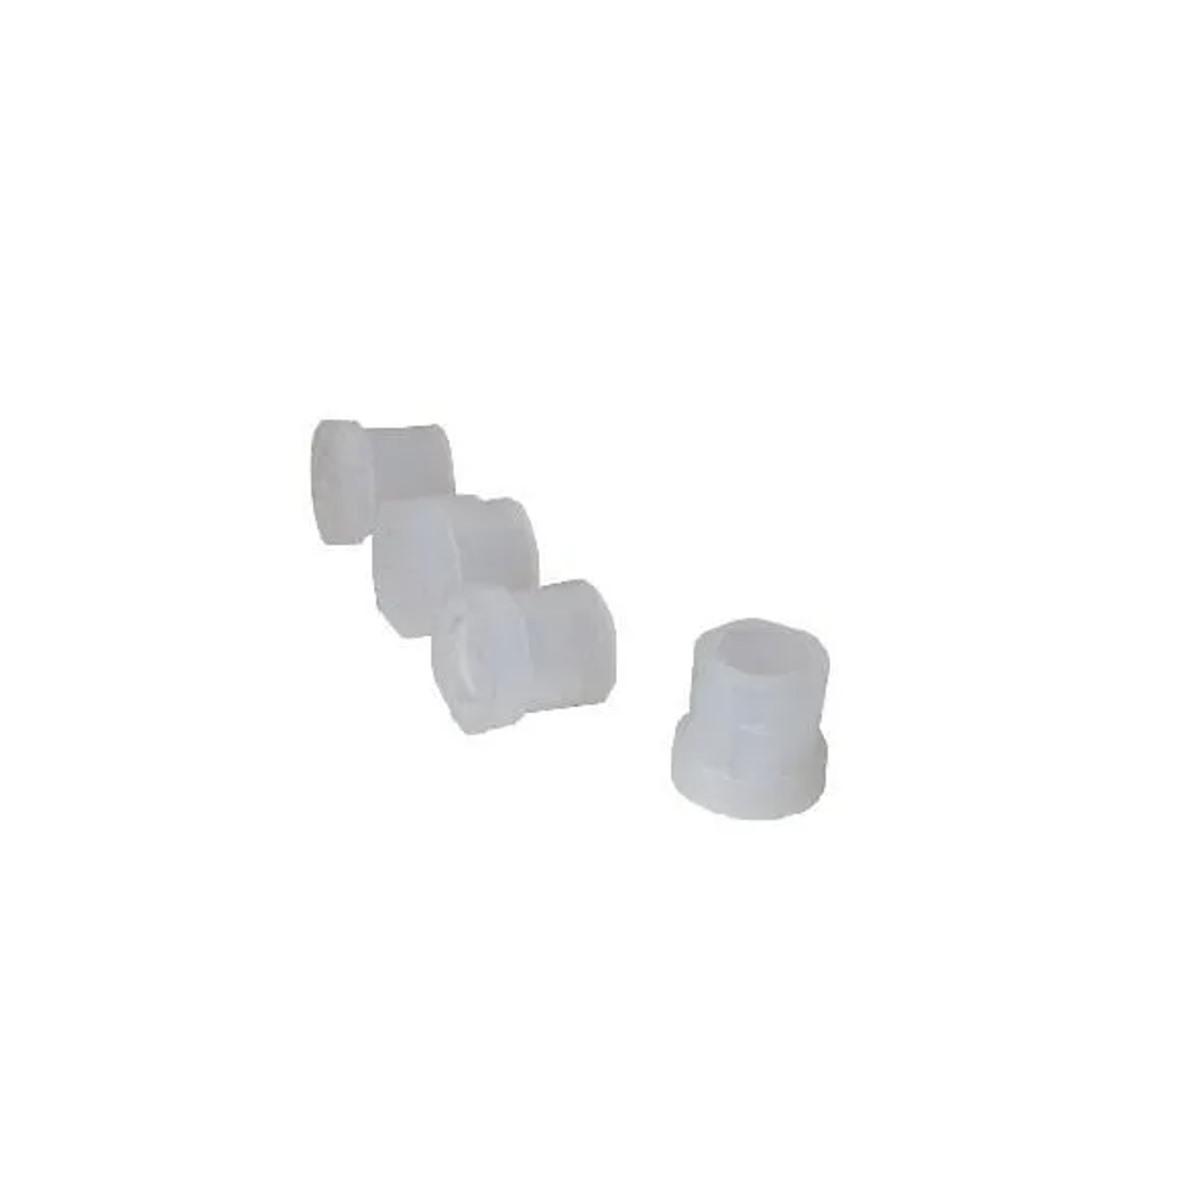 Conjunto Mancal para Cilindros de Borracha da Plastificadora